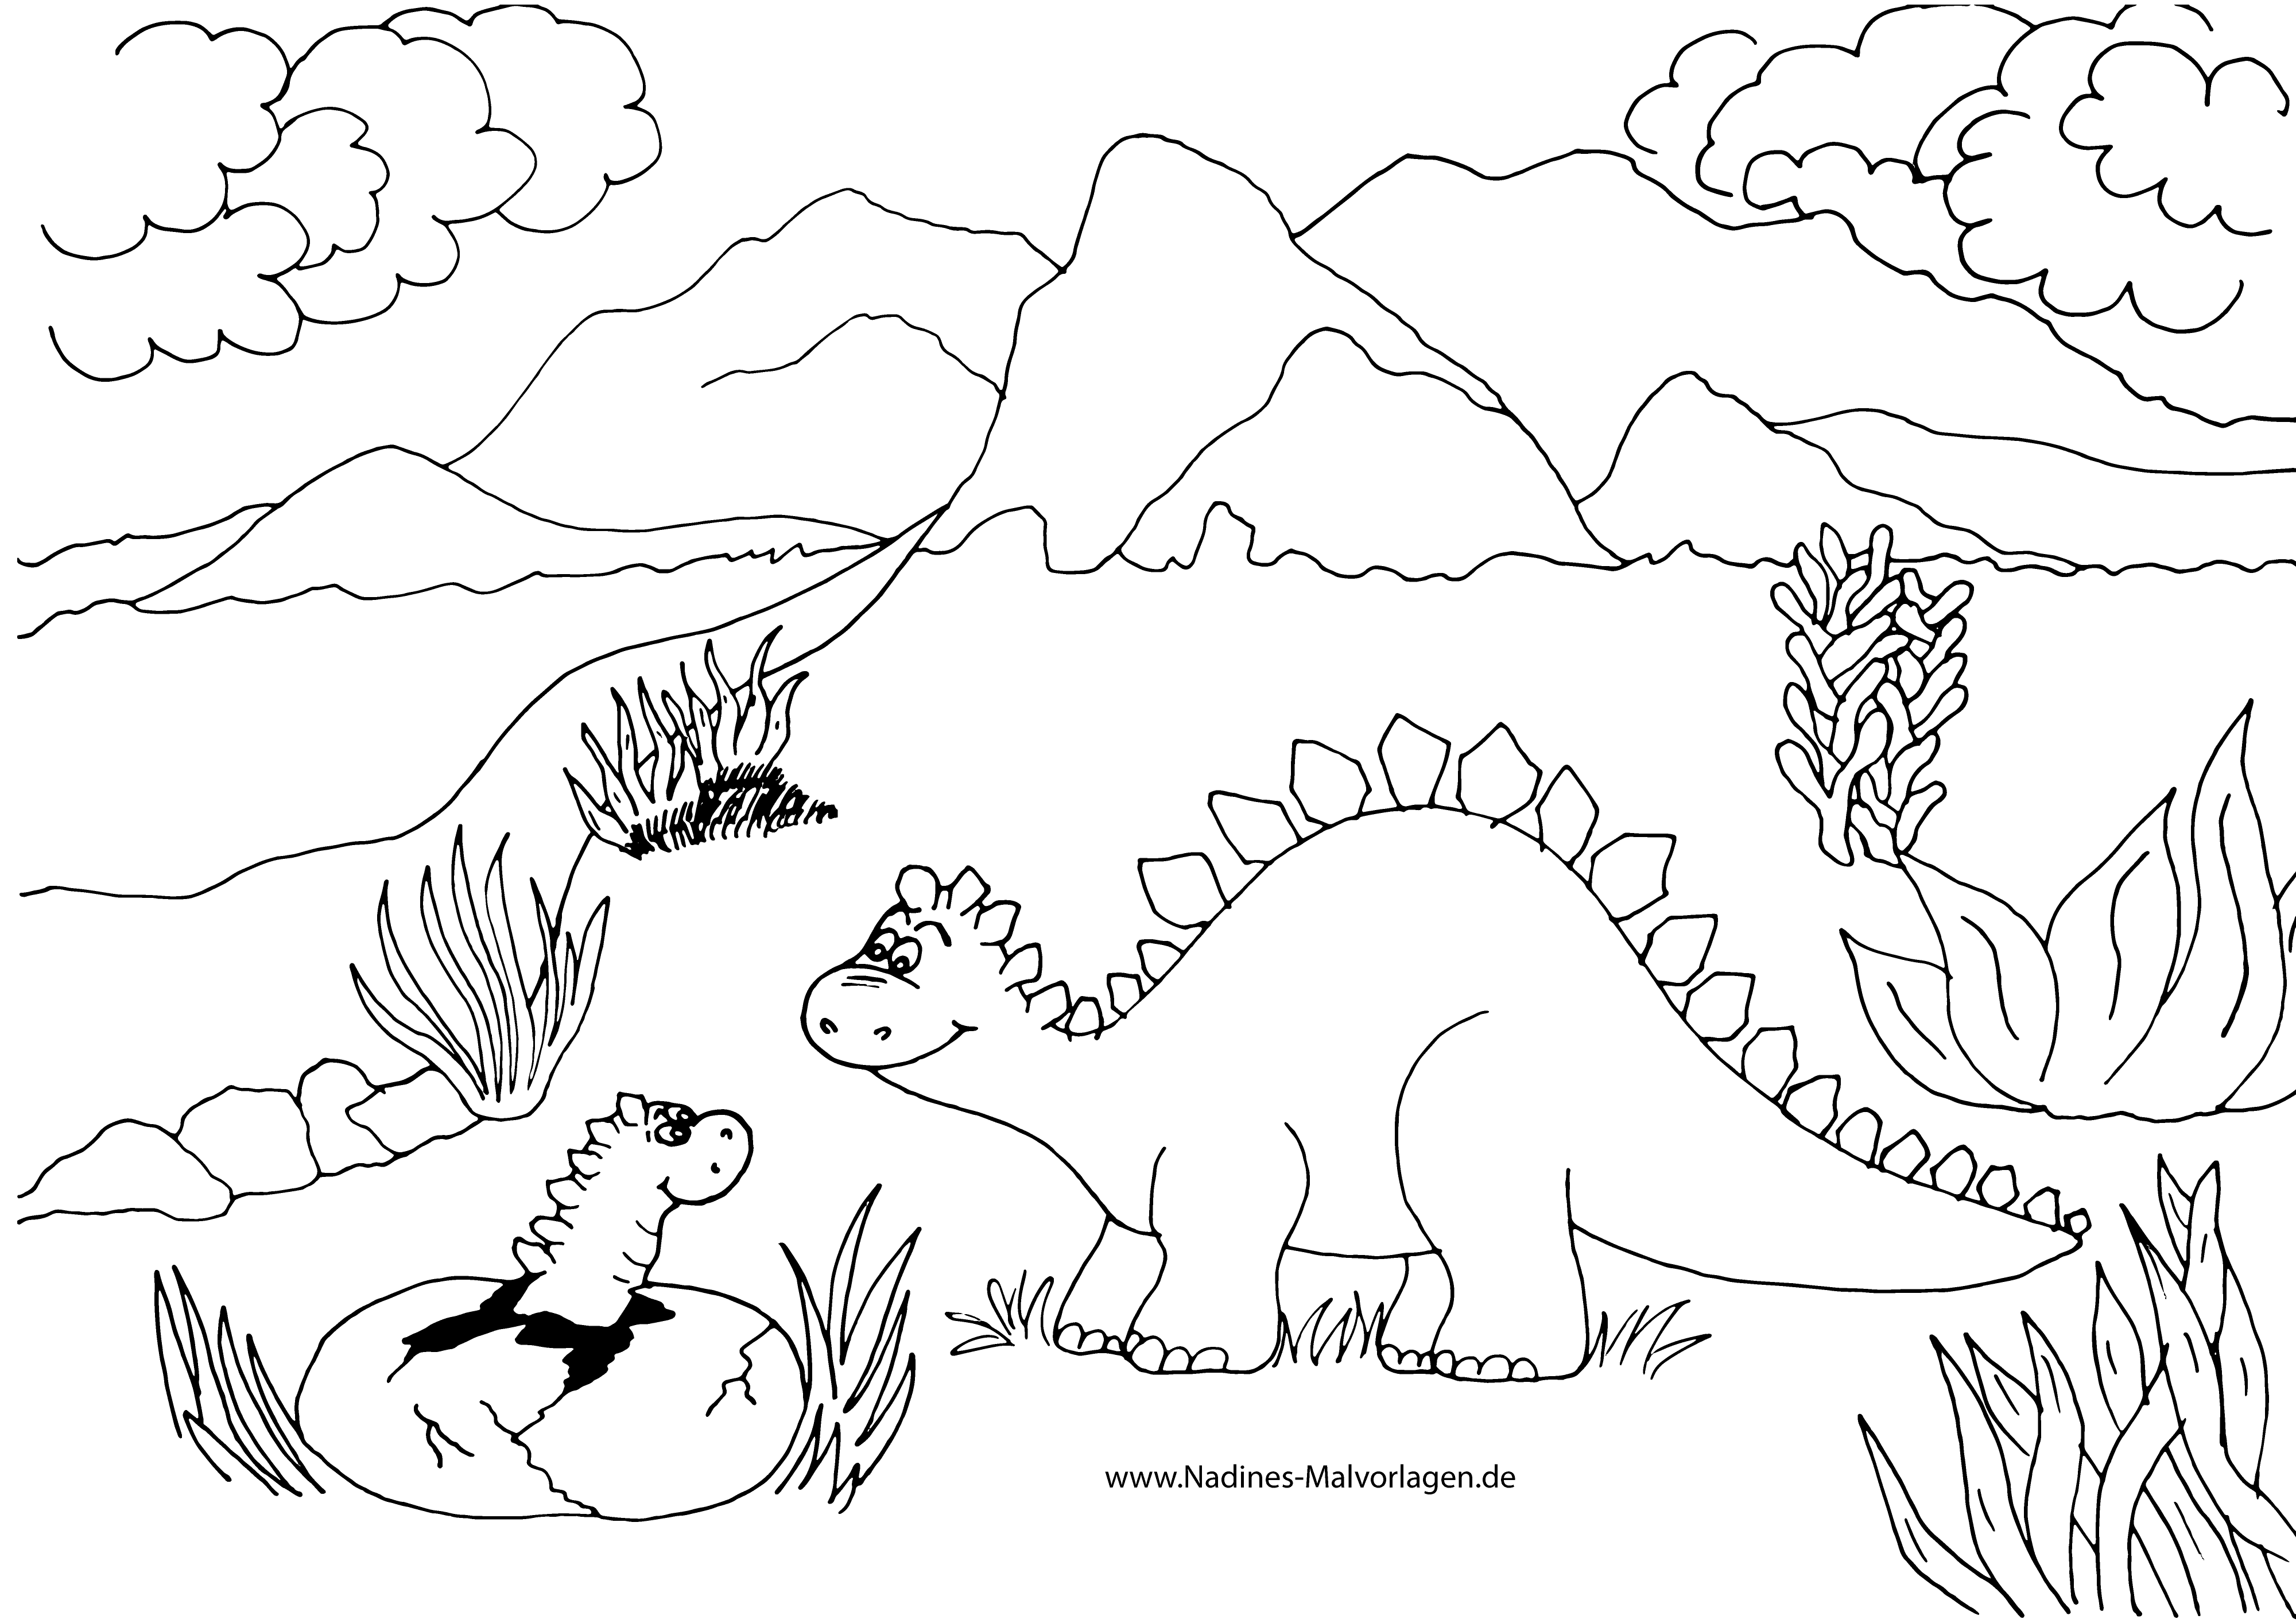 Ausmalbilder Dinosaurier - Nadines Ausmalbilder